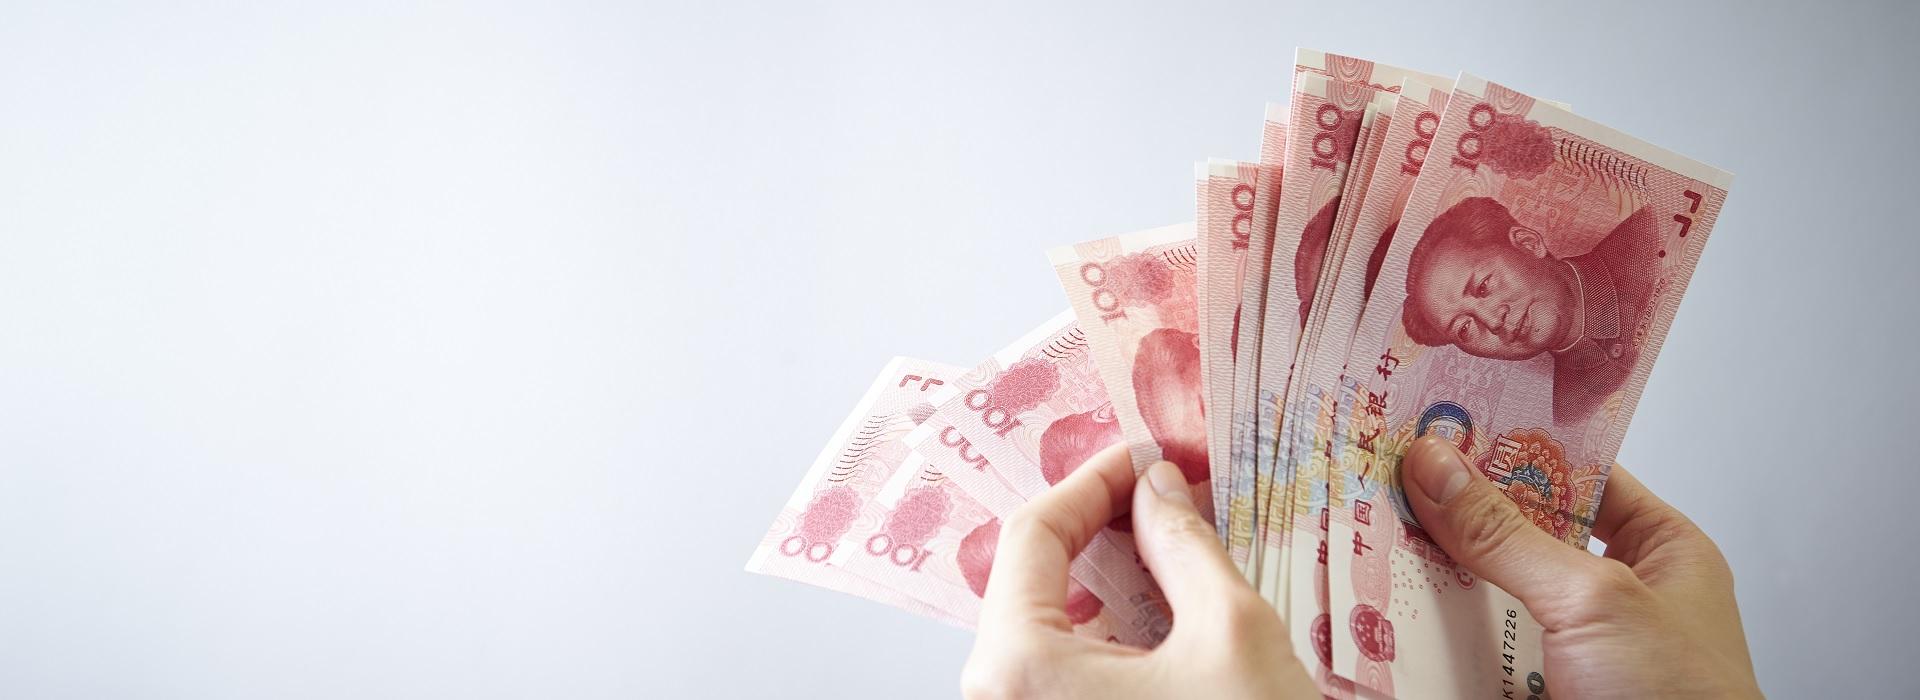 川習一通電話讓人民幣飆升 投資攻略看這裡